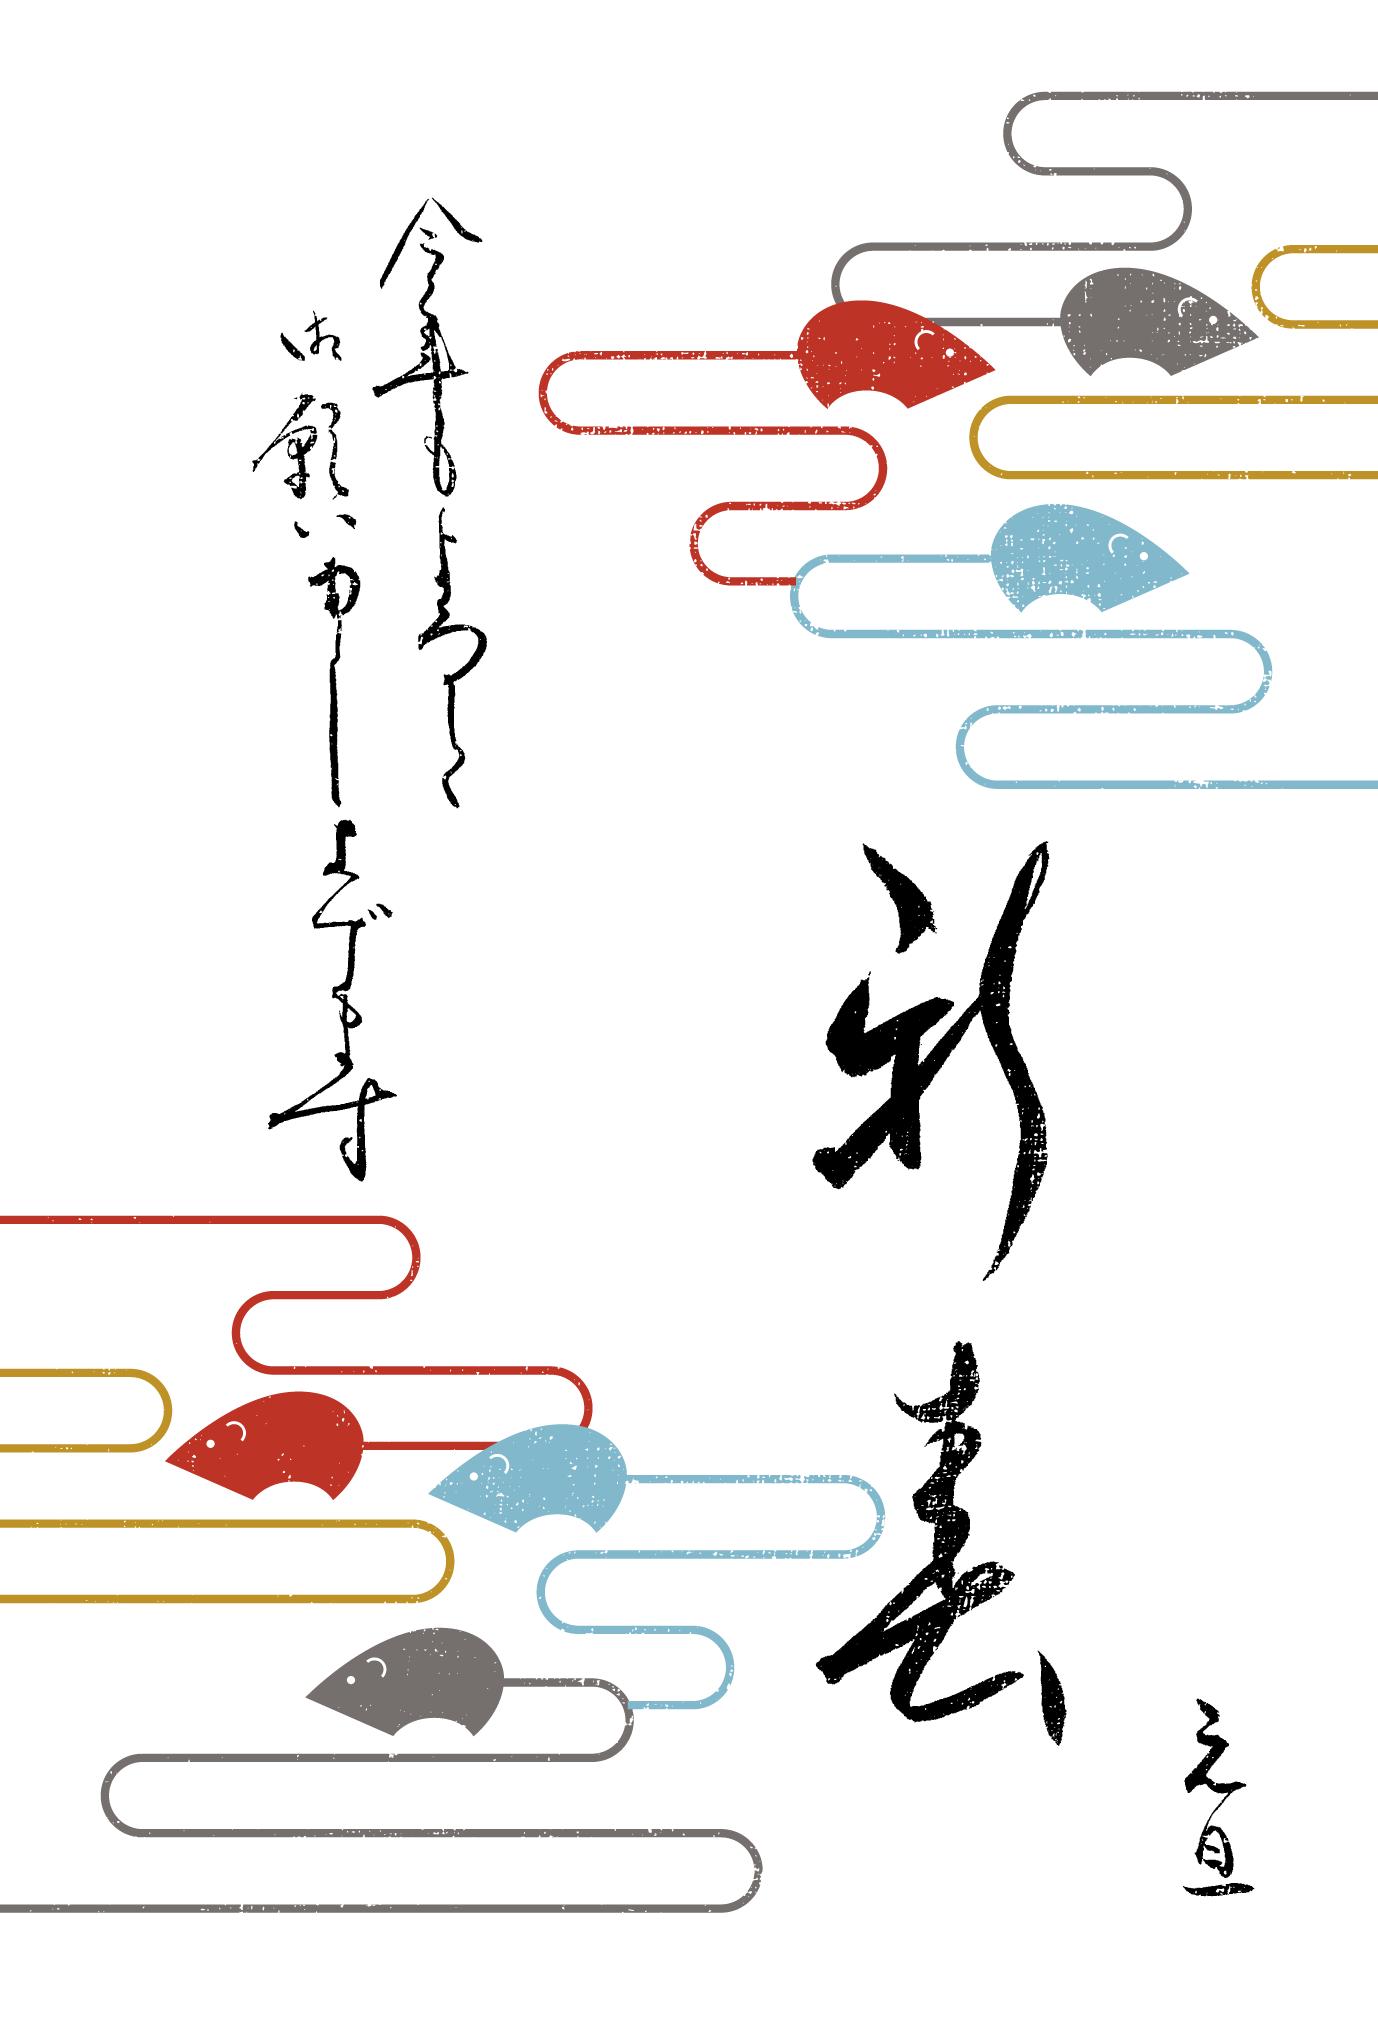 2020年賀状19-4:ネズミクラウド(新春)三色のダウンロード画像